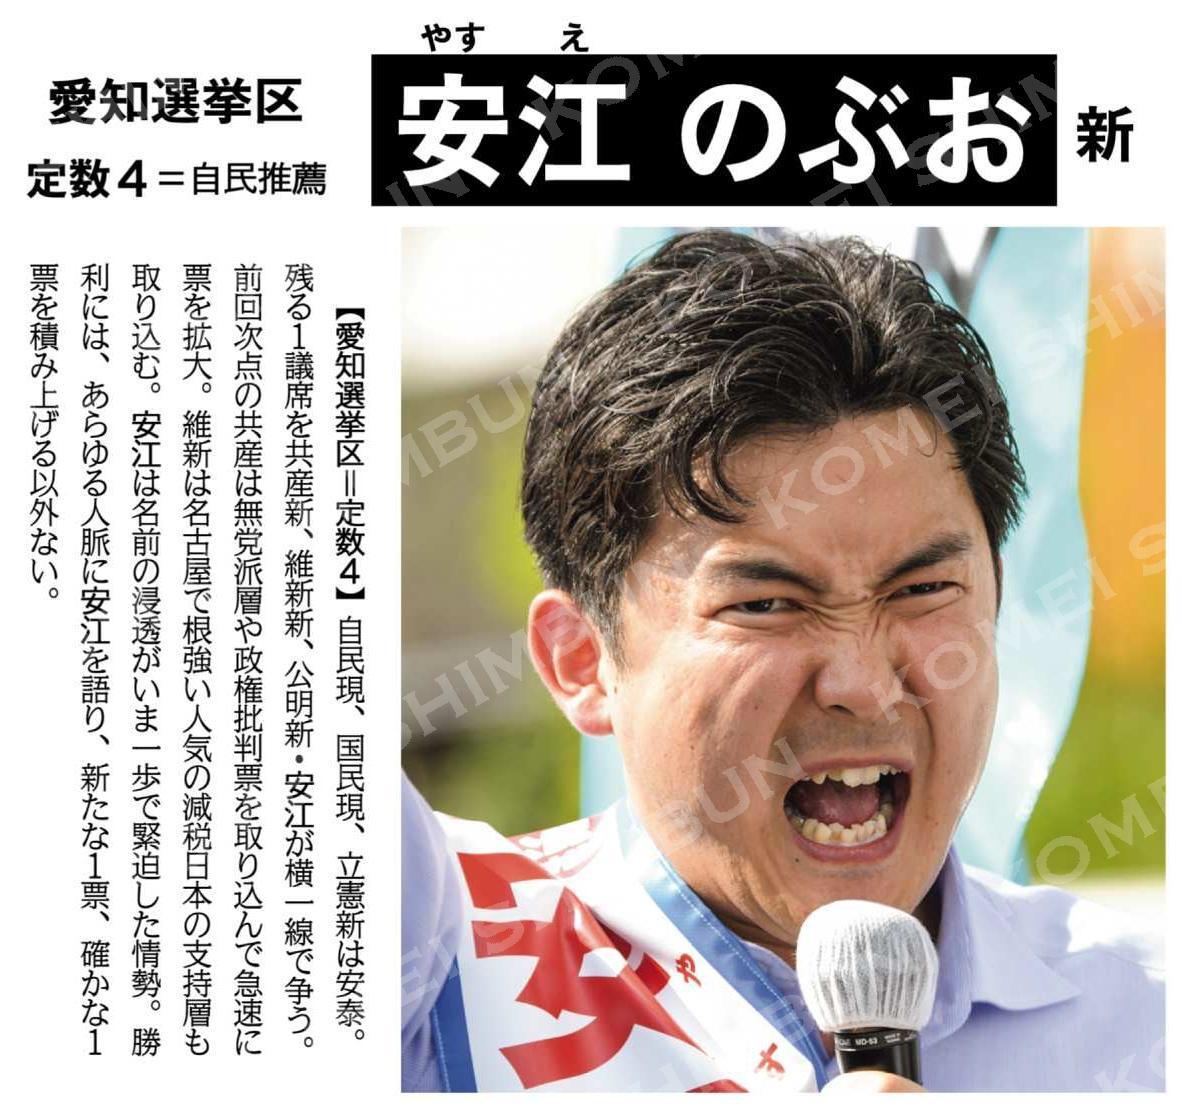 (激戦突破へ猛攻を)安江のぶお 新/愛知選挙区(定数4=自民推薦)